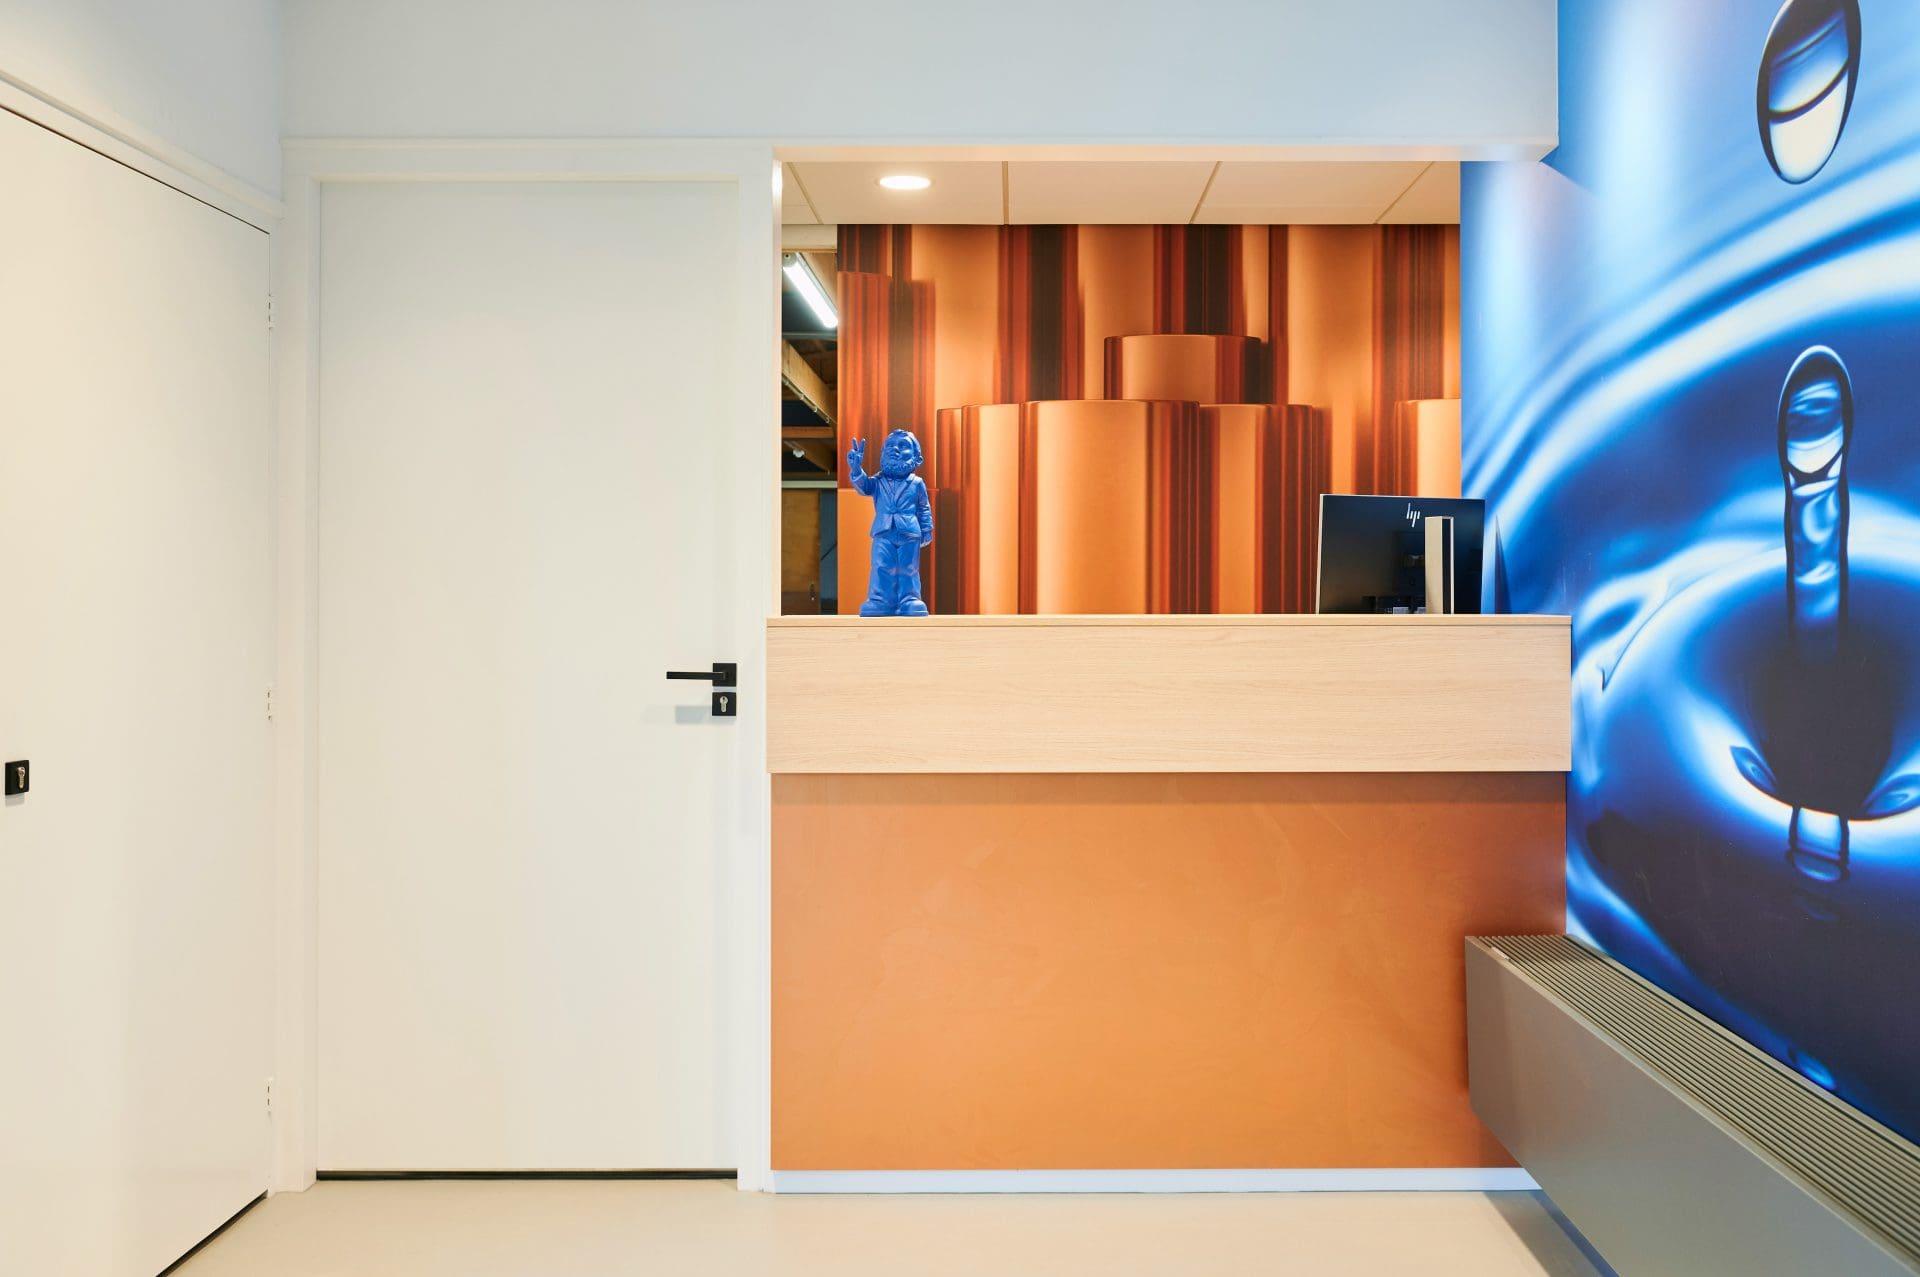 interieurontwerp resultaat kantoor showroom installatiebedrijf